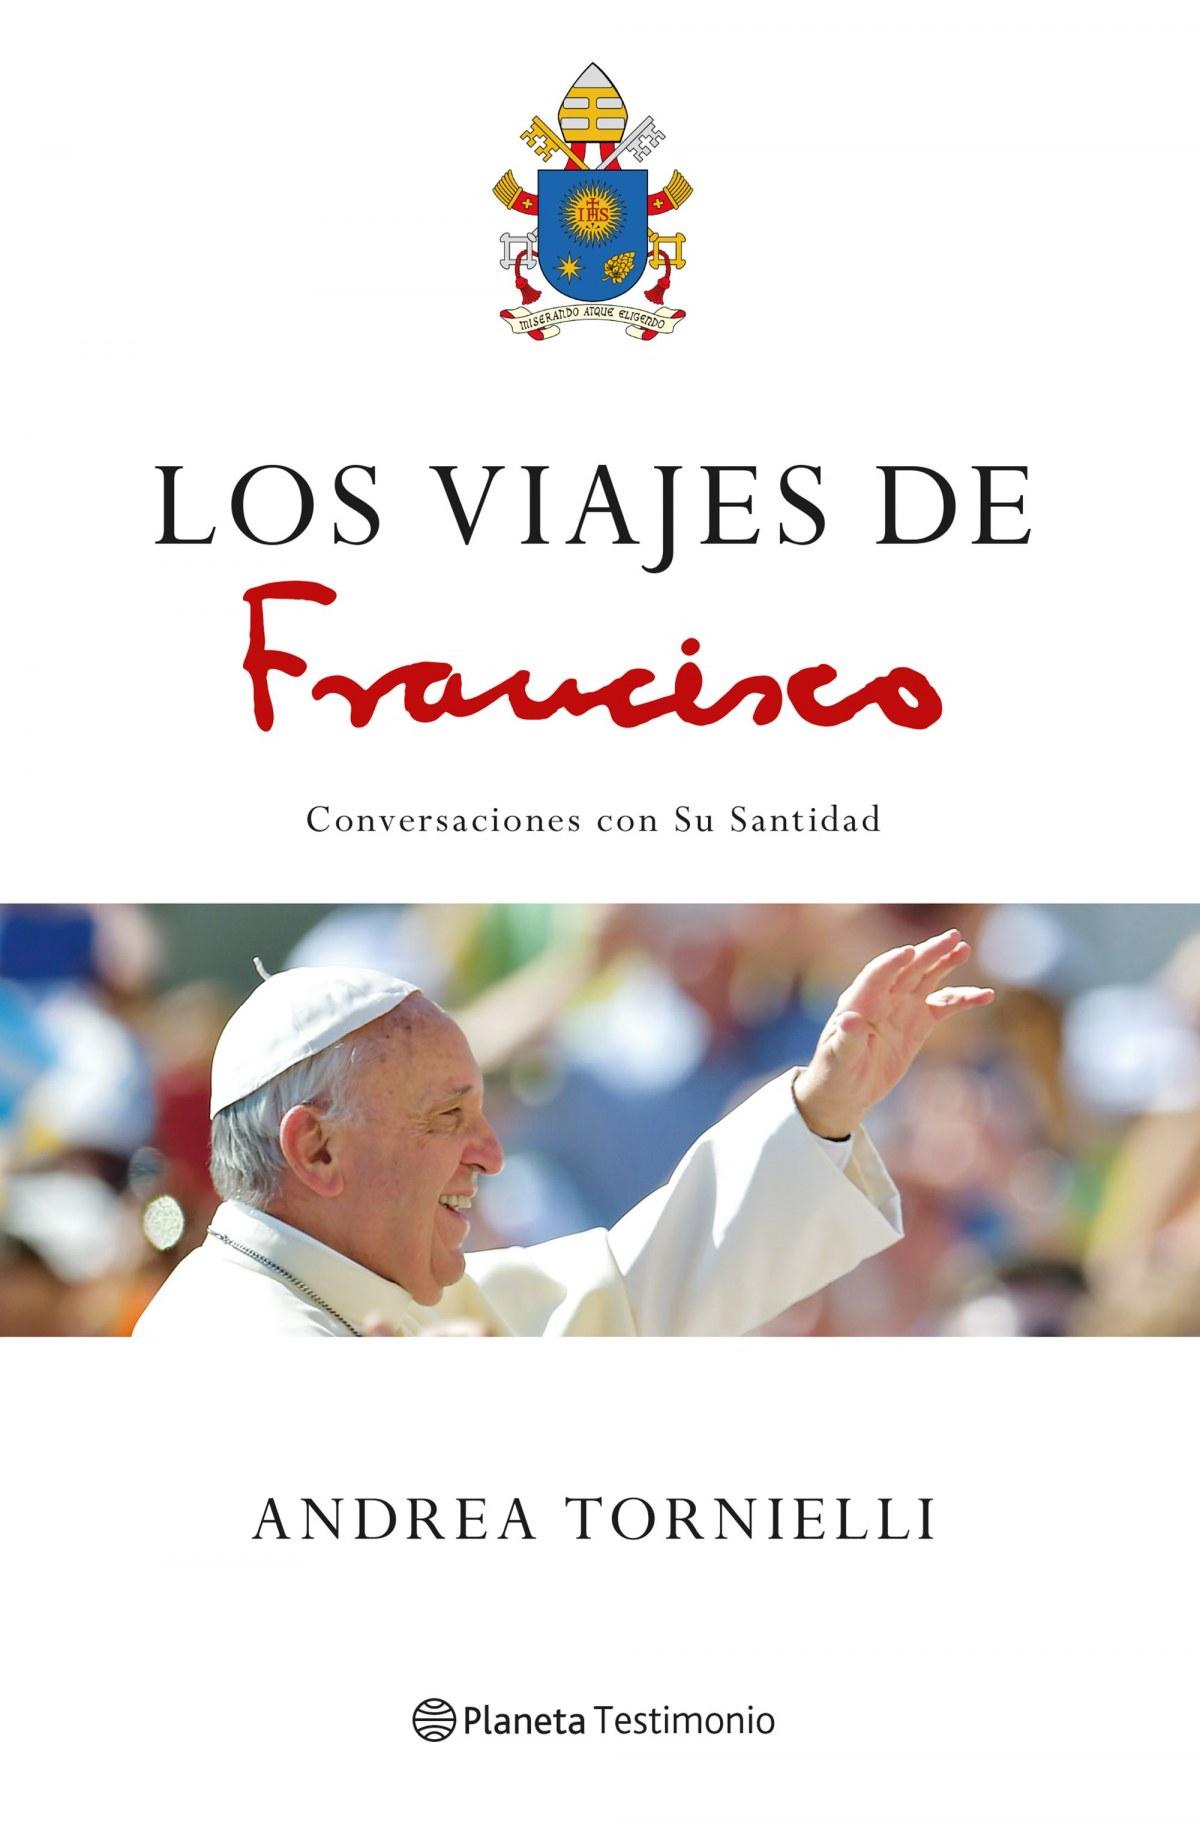 LOS VIAJES DE FRANCISCO Conversaciones con Su Santidad - Tornielli, Andrea